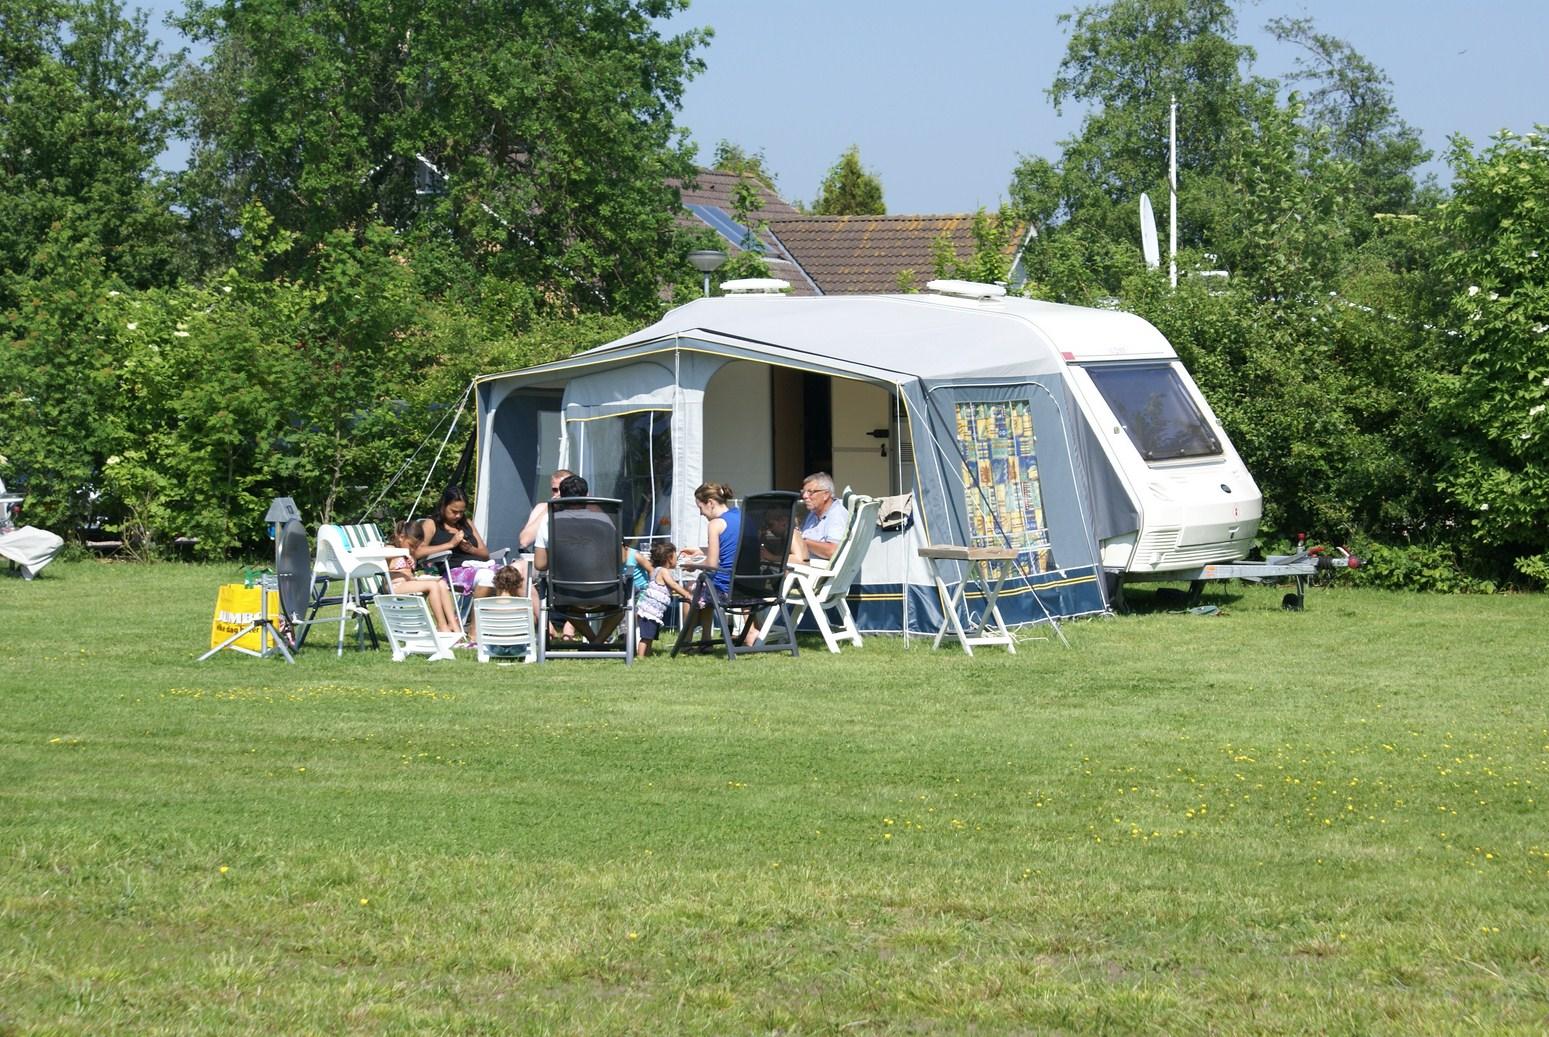 Camping minicamping en theeschenkerij blauforlaet - Caravan ingericht ...